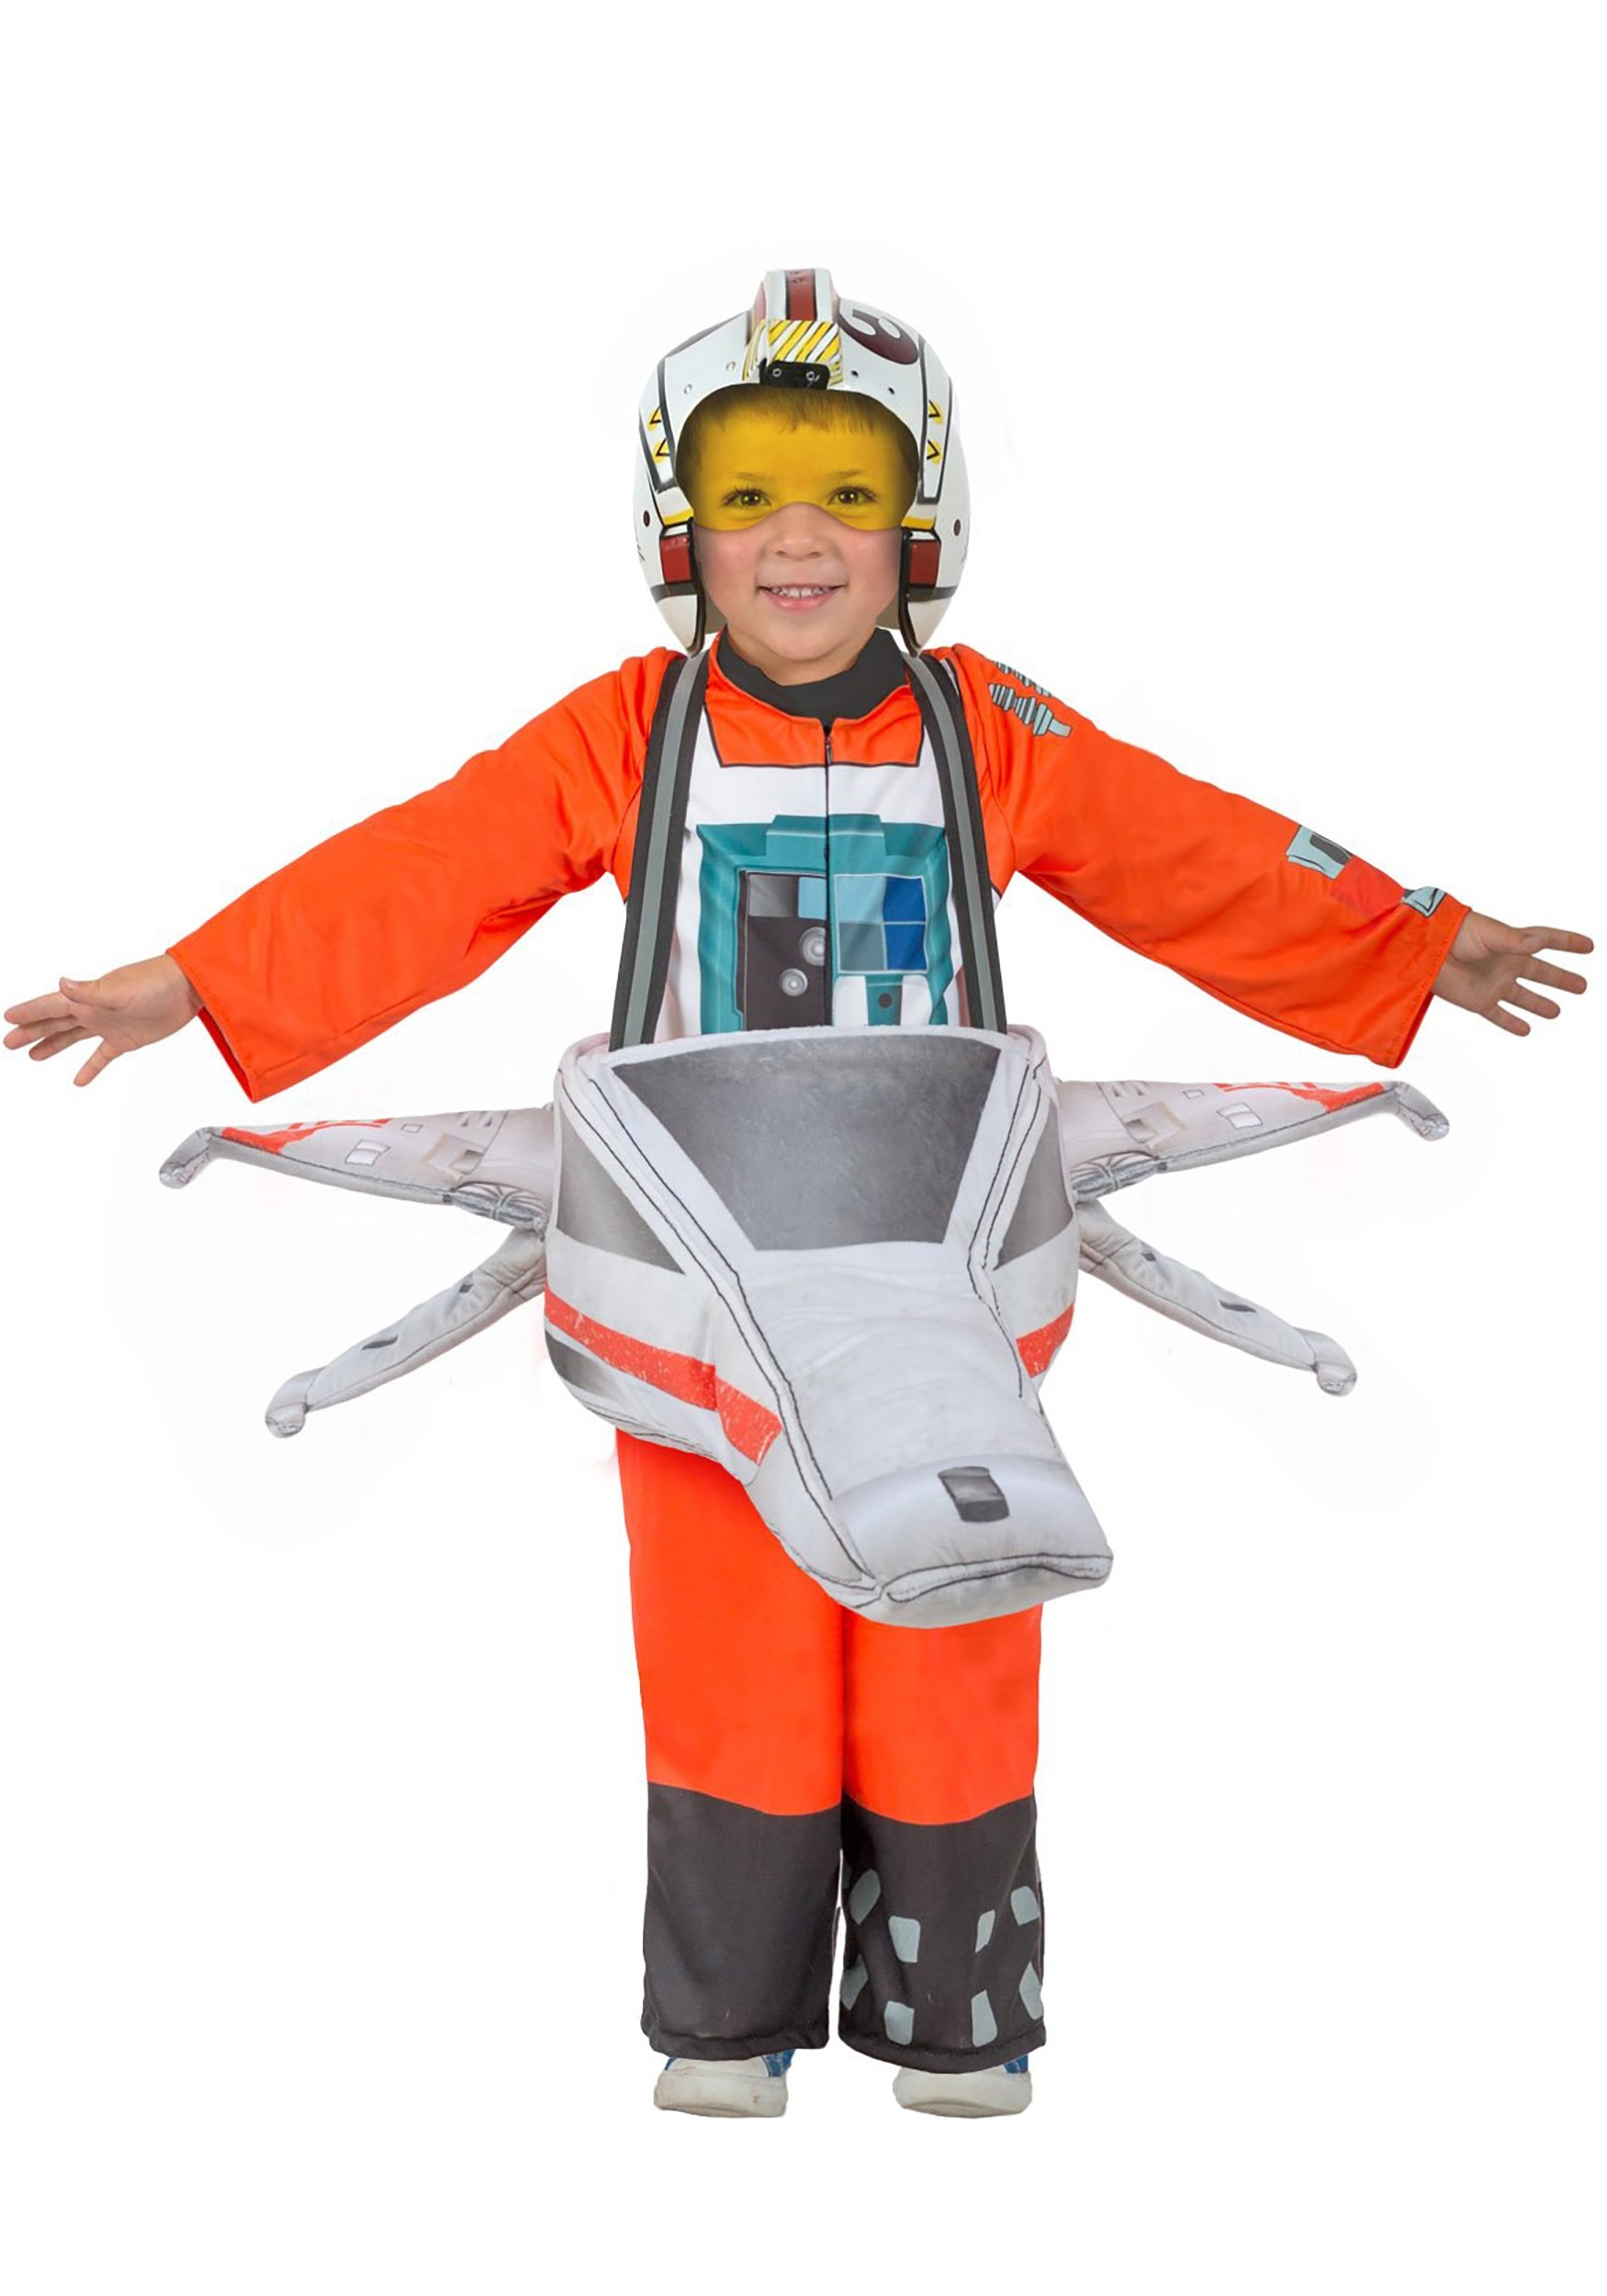 X Wing Pilot Costume Kids Star Wars Halloween Fancy Dress